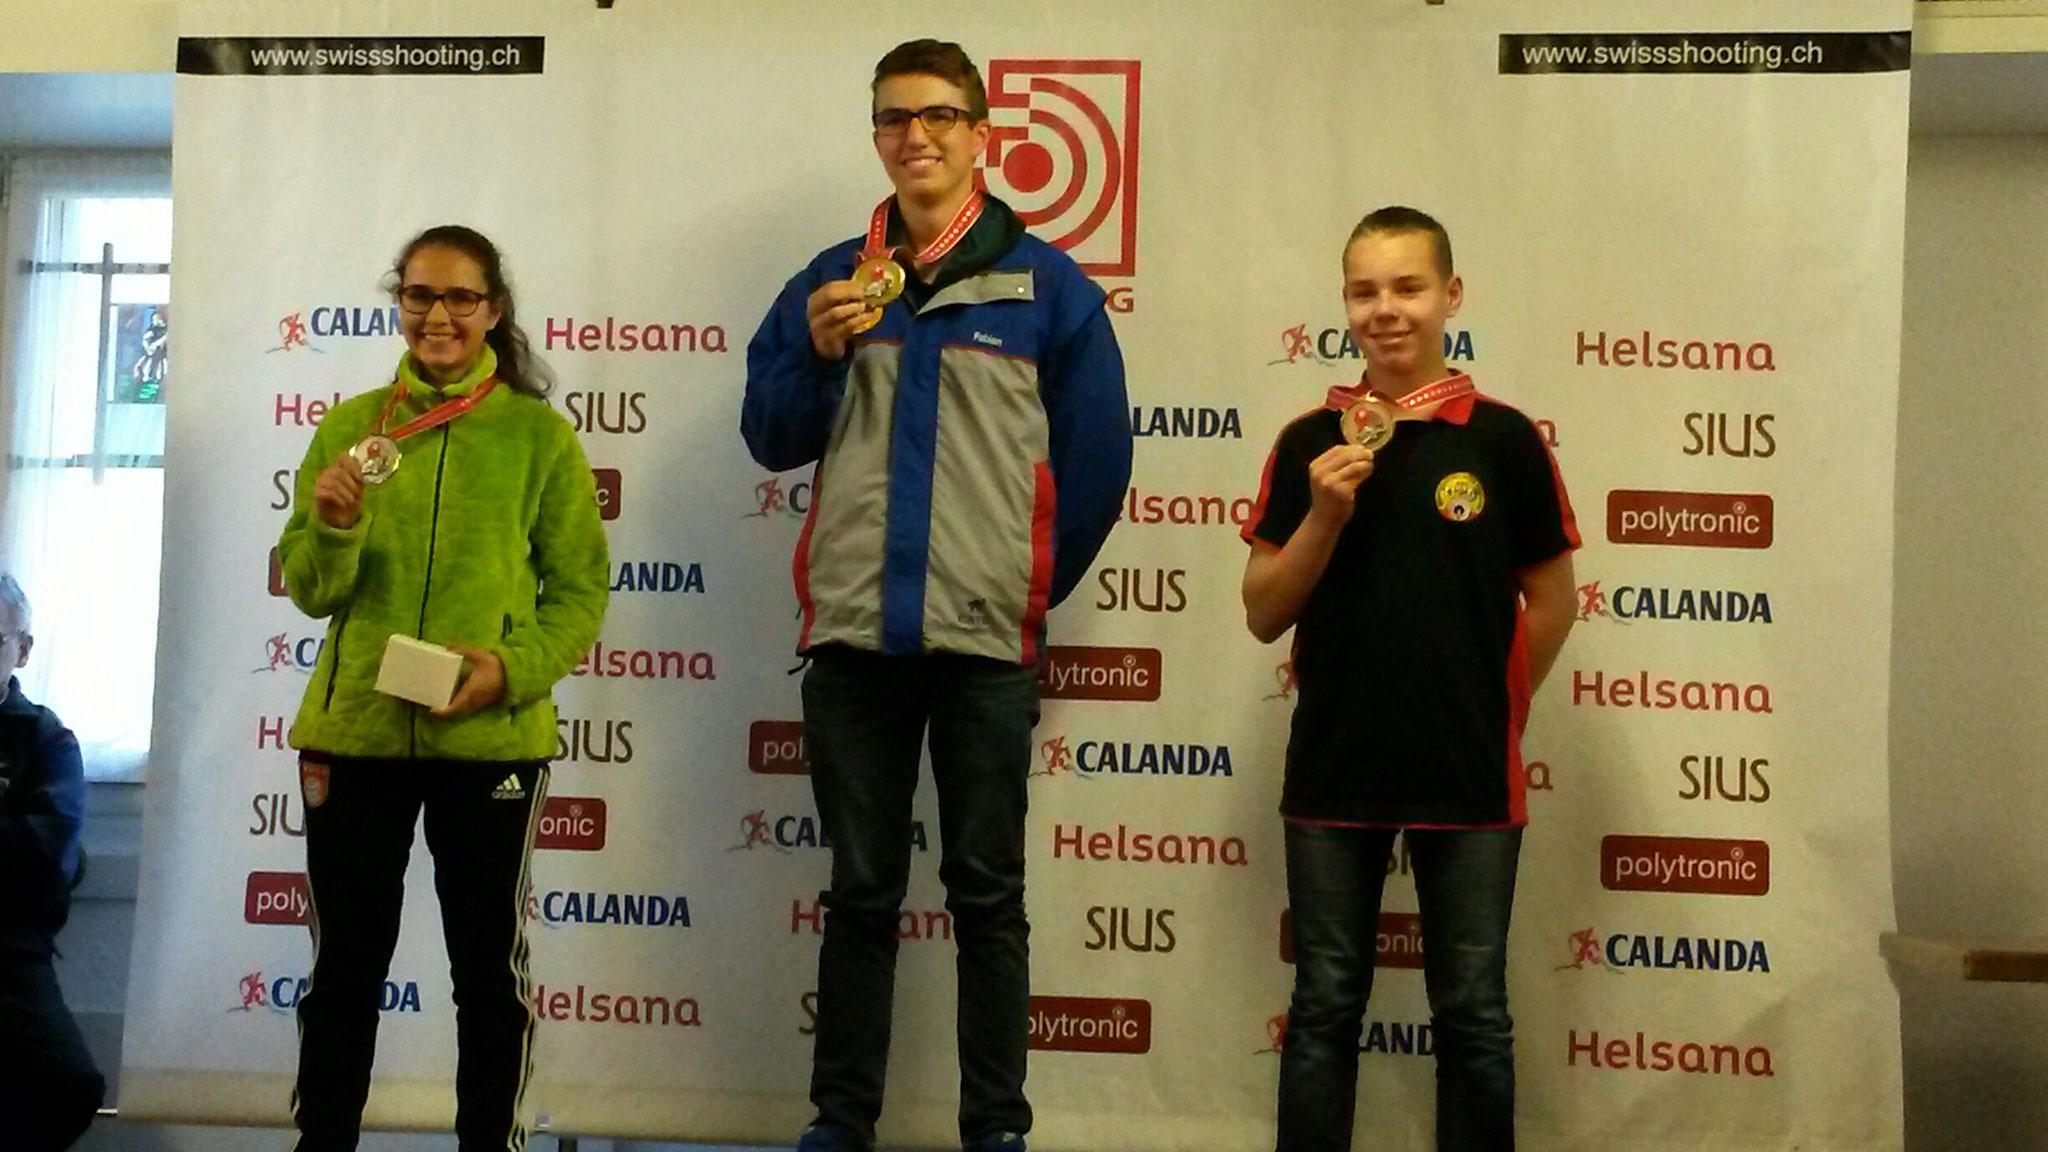 Jugendfinal 2016 - mit Annina T. auf dem Podest (links)